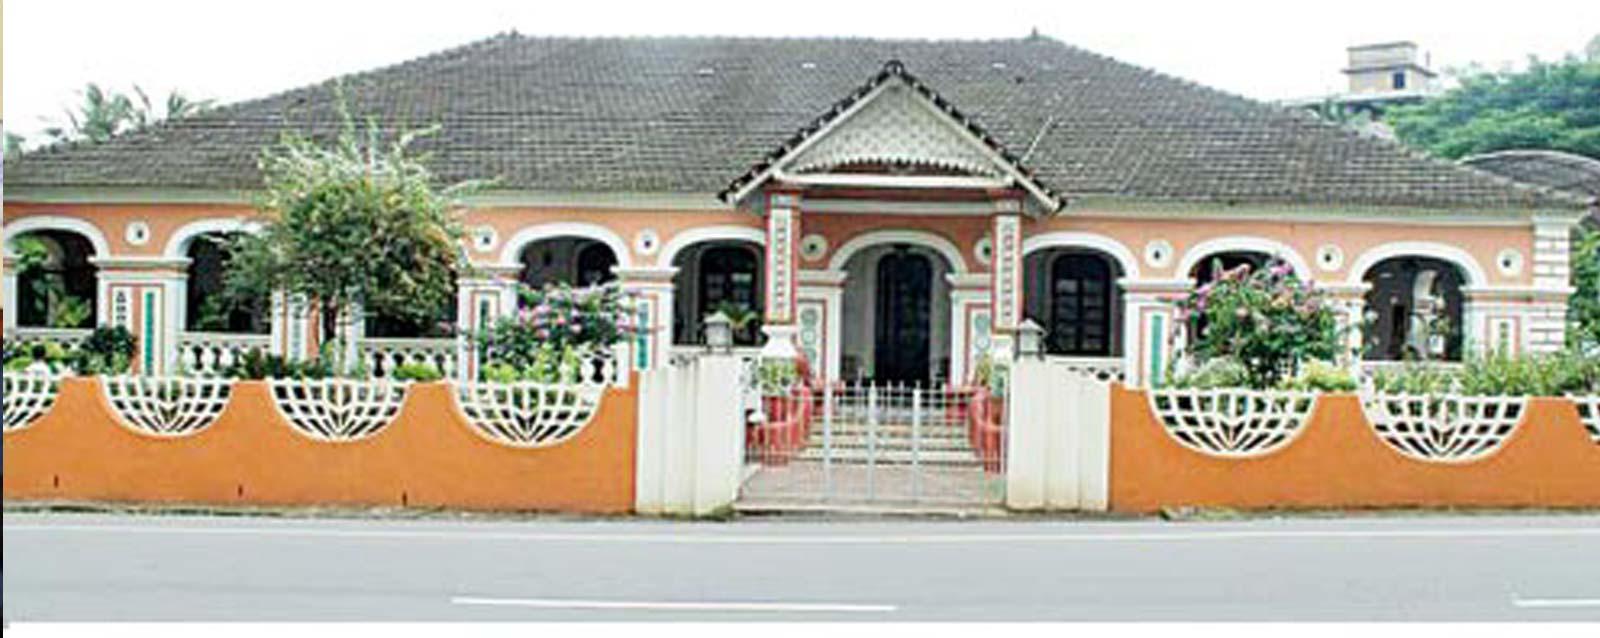 विवीयान कुतीन्हो घर